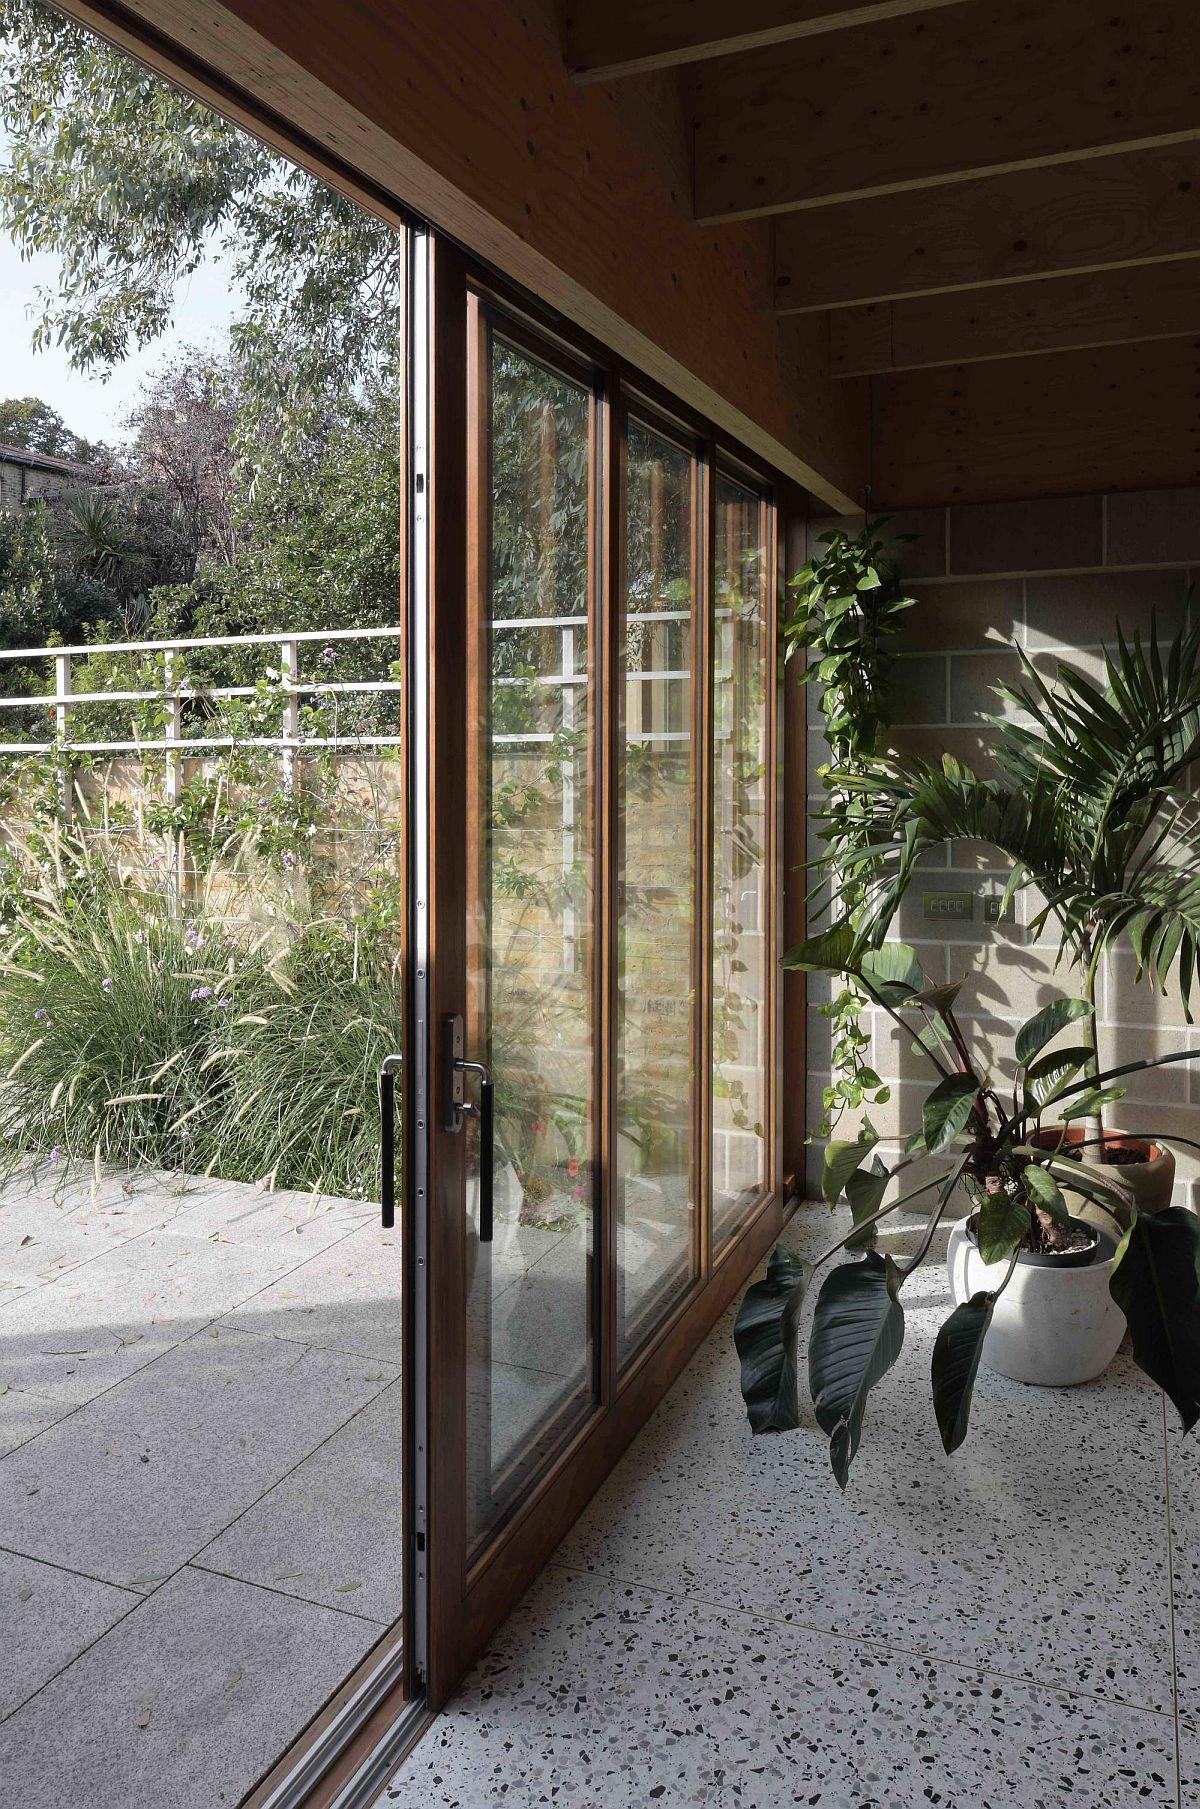 Les portes coulissantes en verre relient l'intérieur avec le jardin extérieur